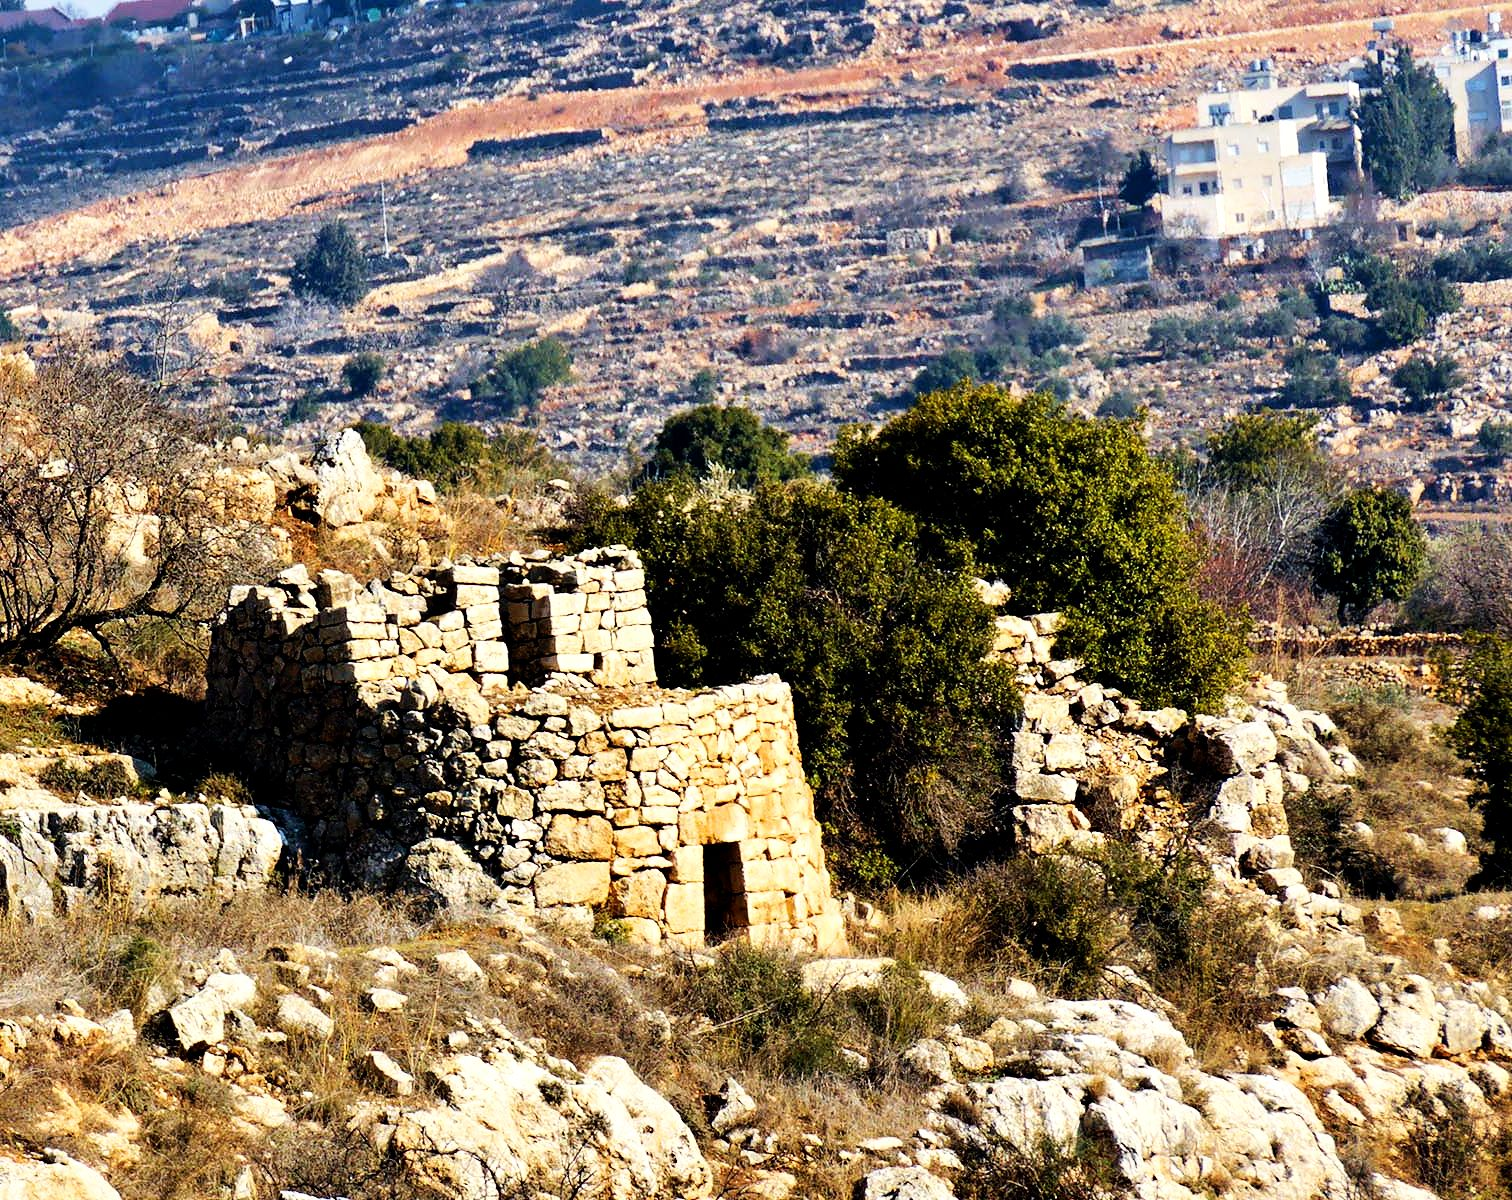 Watchtower in Judean Hills